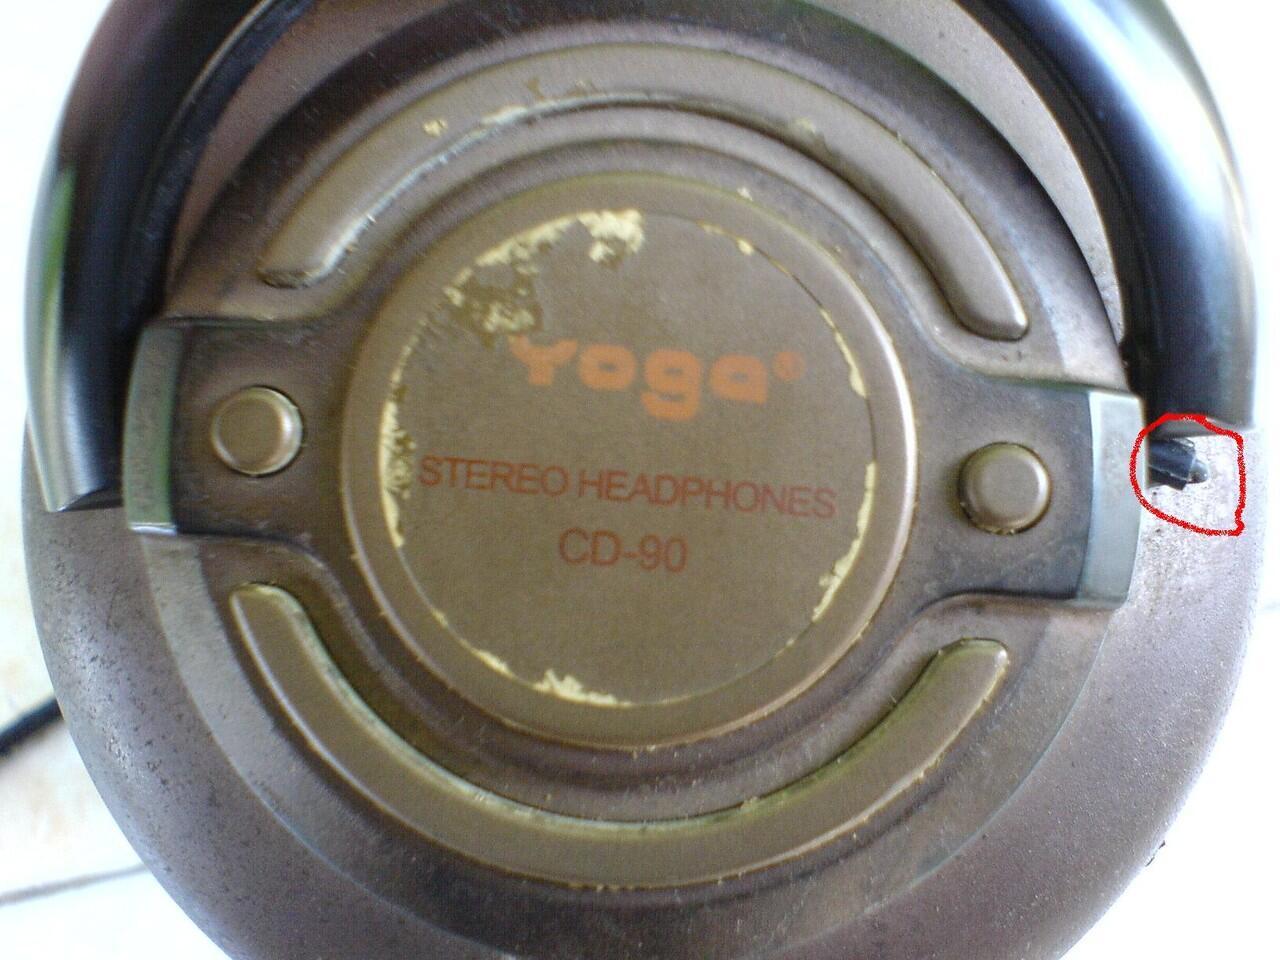 headphones recorder hi-fi YOGA cd-90